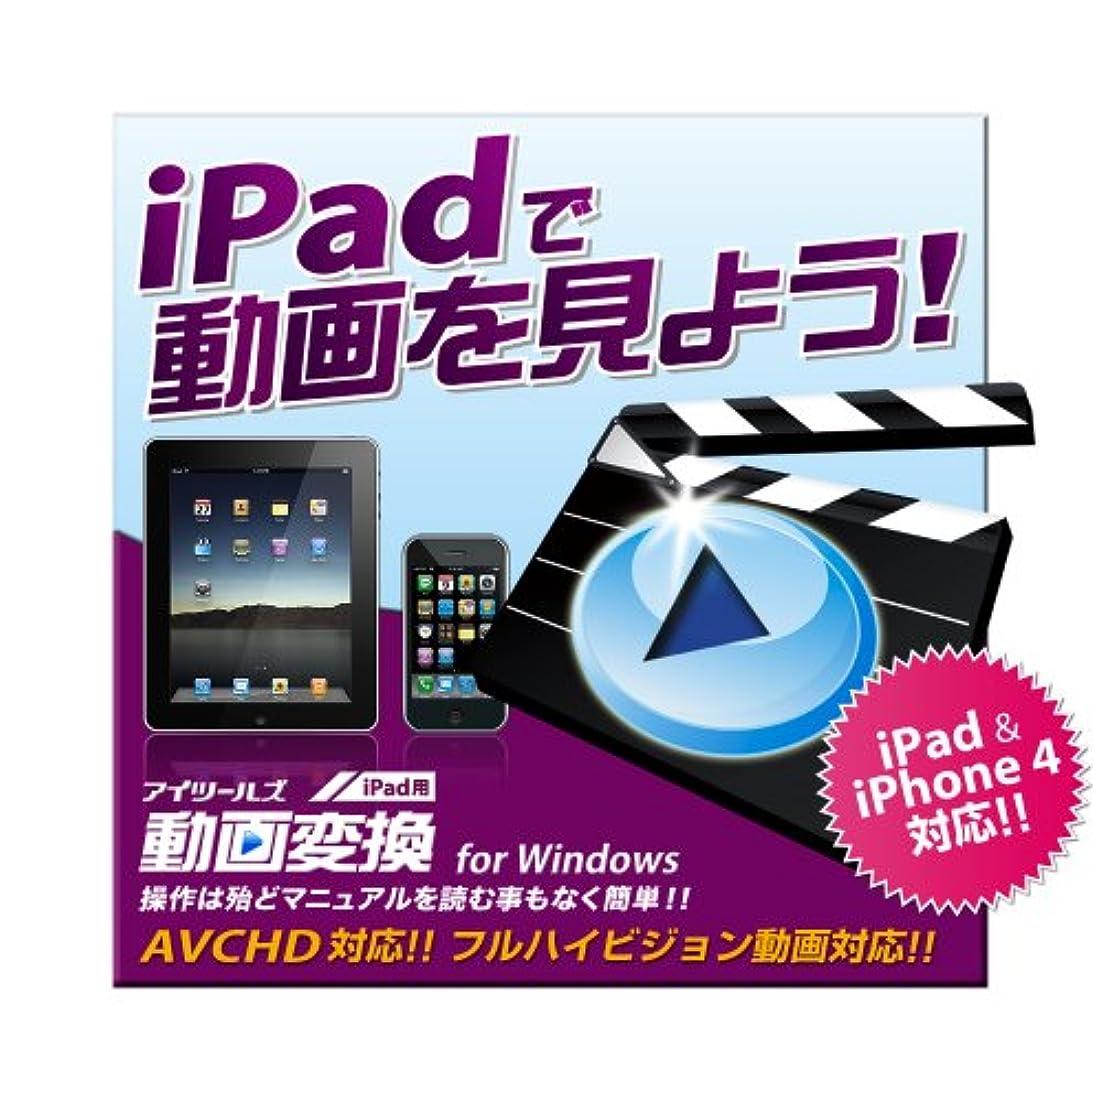 レールしっかり壊れたiTools動画変換 iPad用 for Windows [ダウンロード]